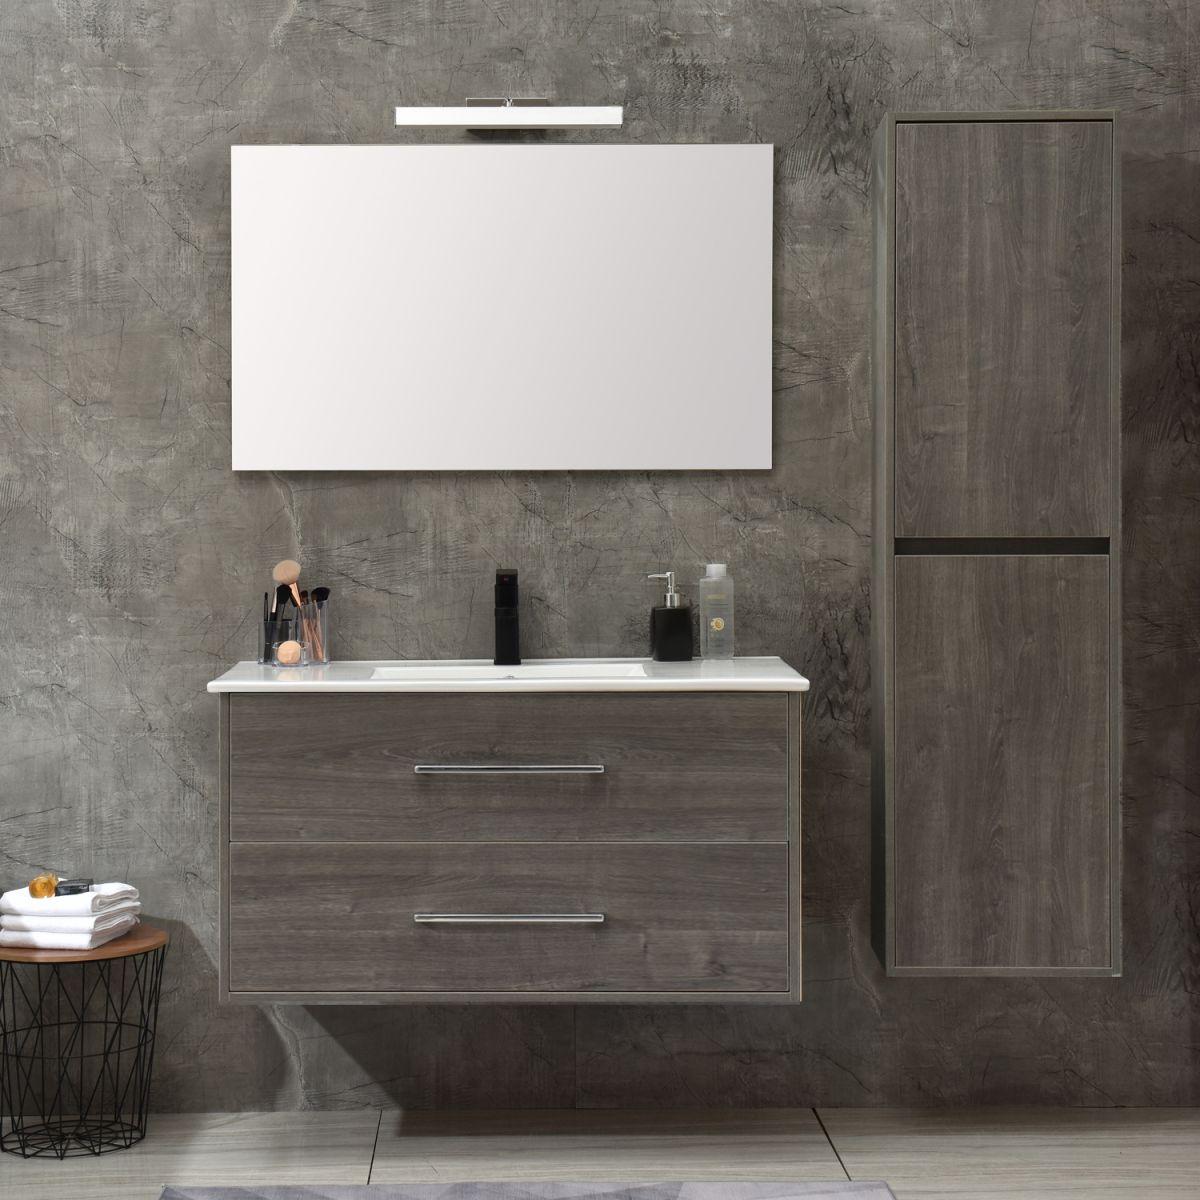 MF 1805 2 G Mobile bagno Praga sospeso 120 cm grigio effetto legno con lavabo,specchio e colonna pensile